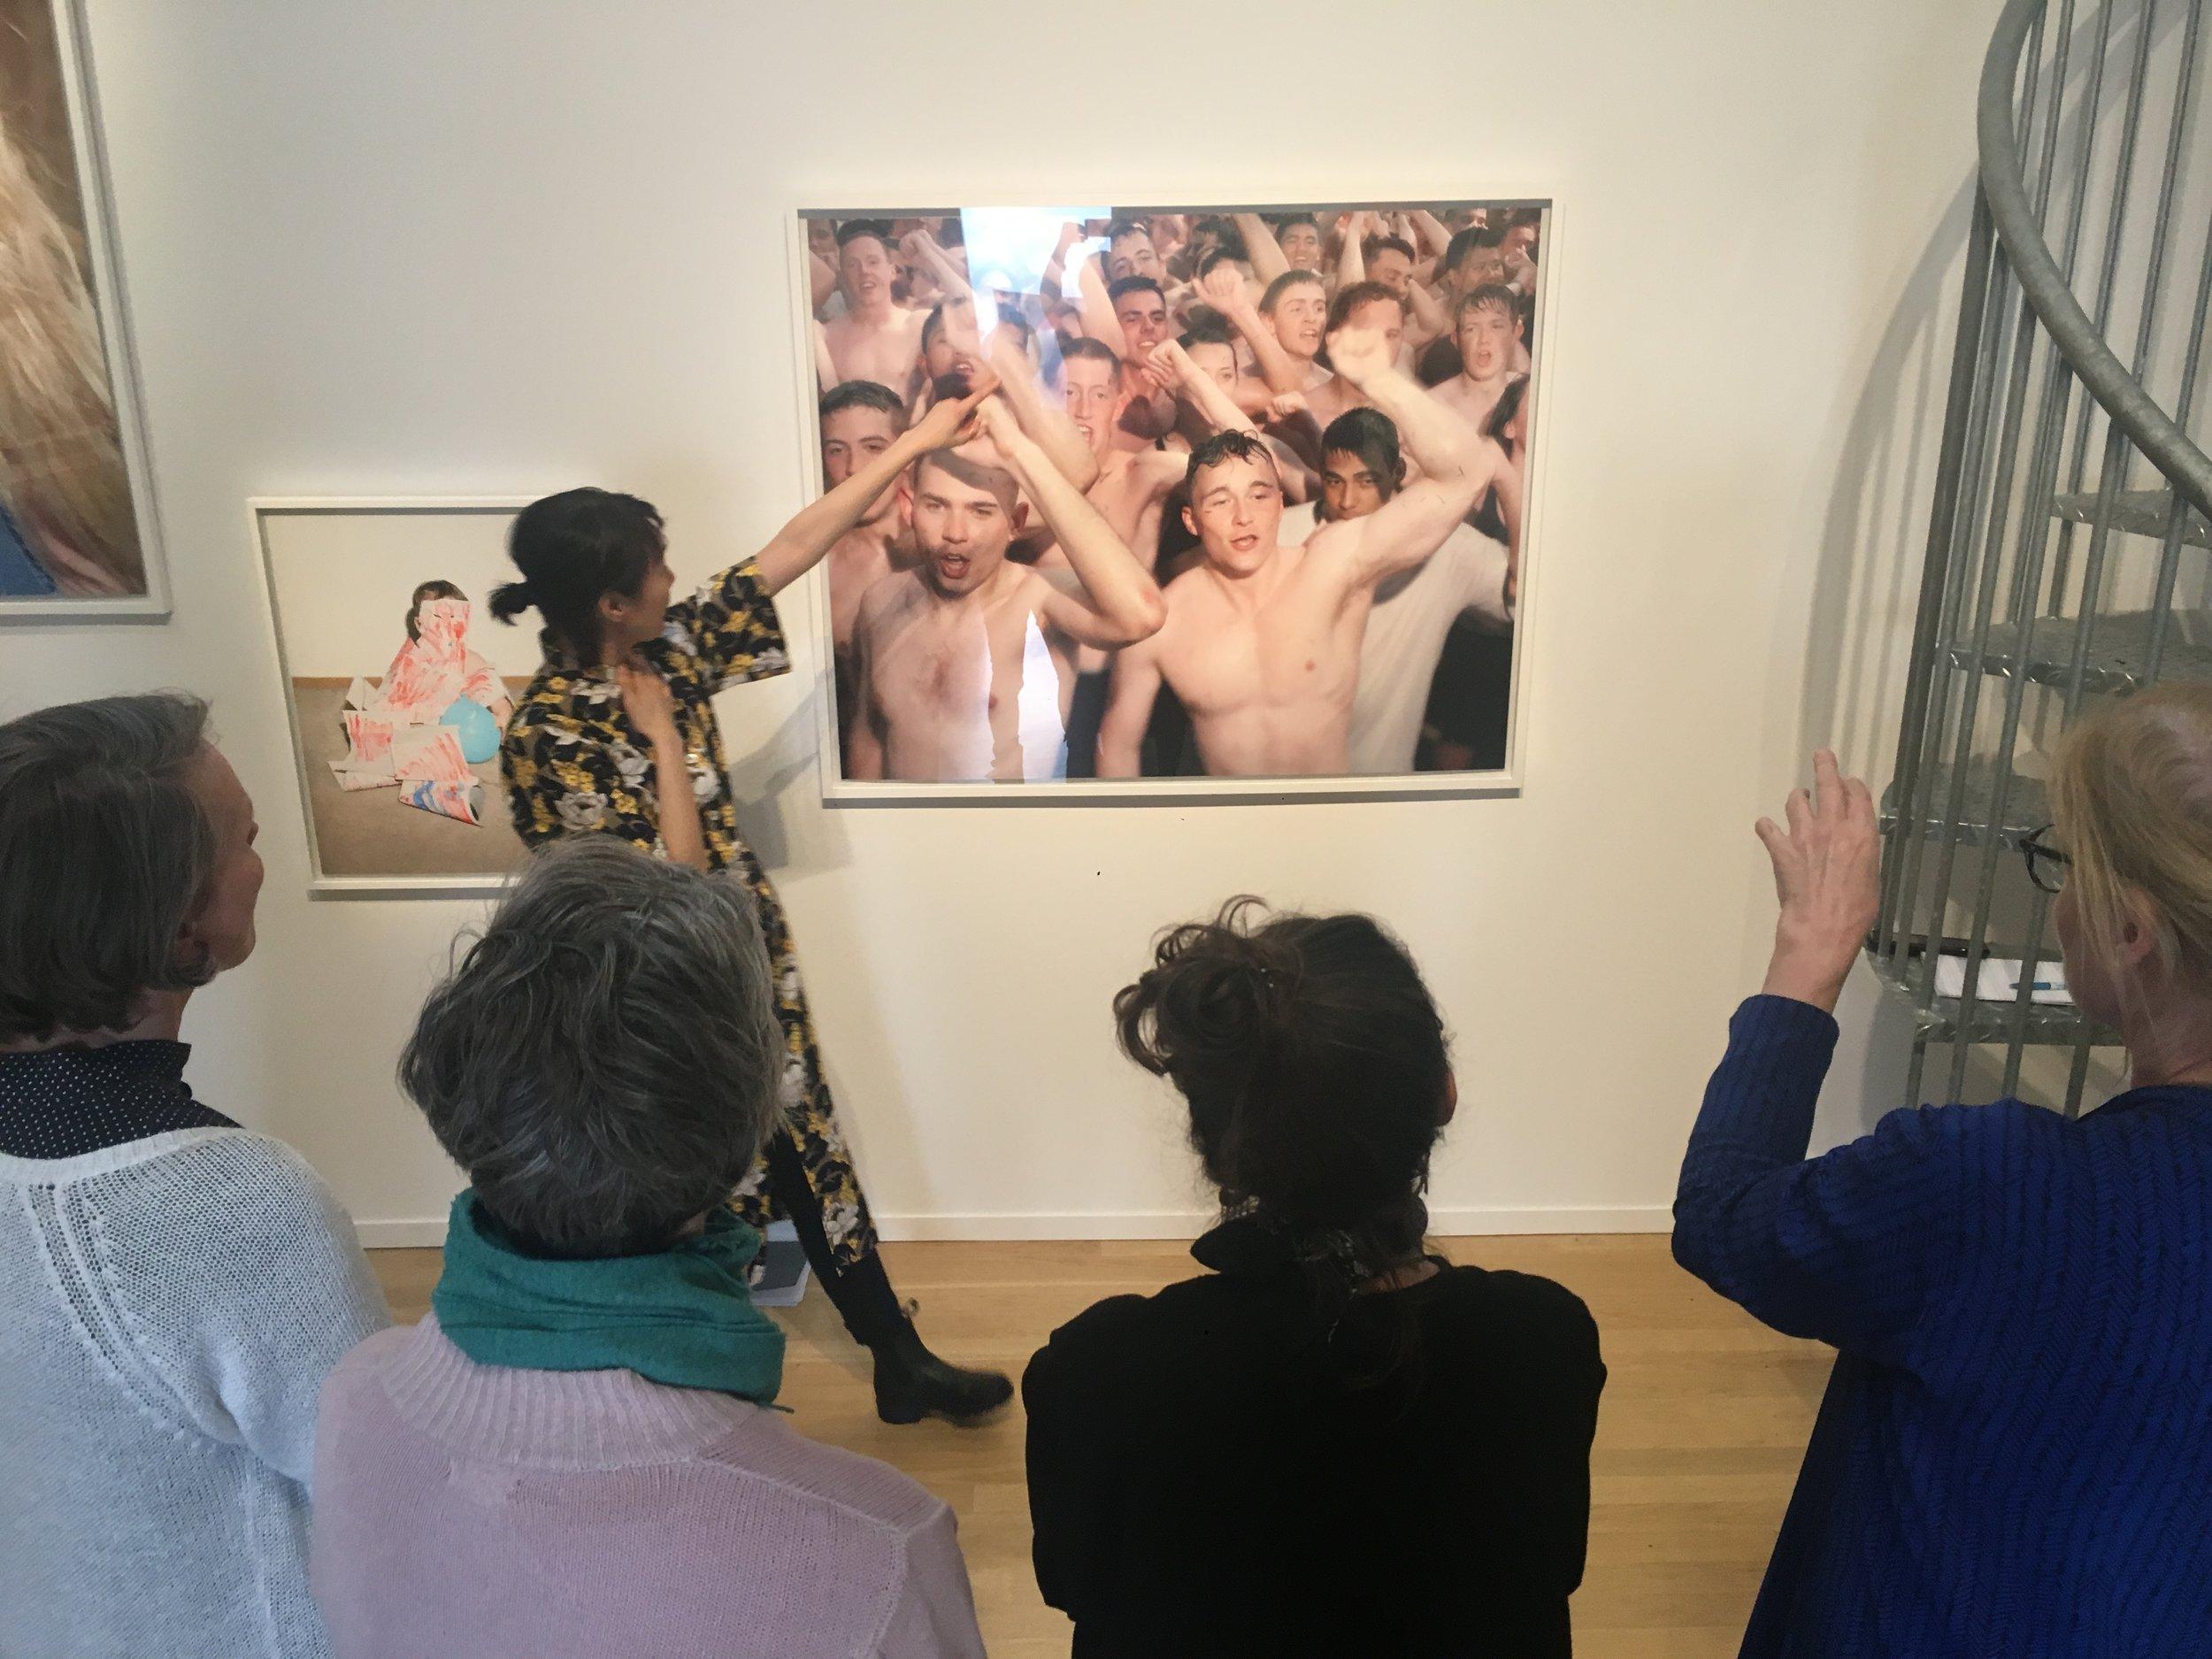 Foto: Adelijn van Huis, Besproken werk: Eva O'Leary (happy valley, 2014-2018)